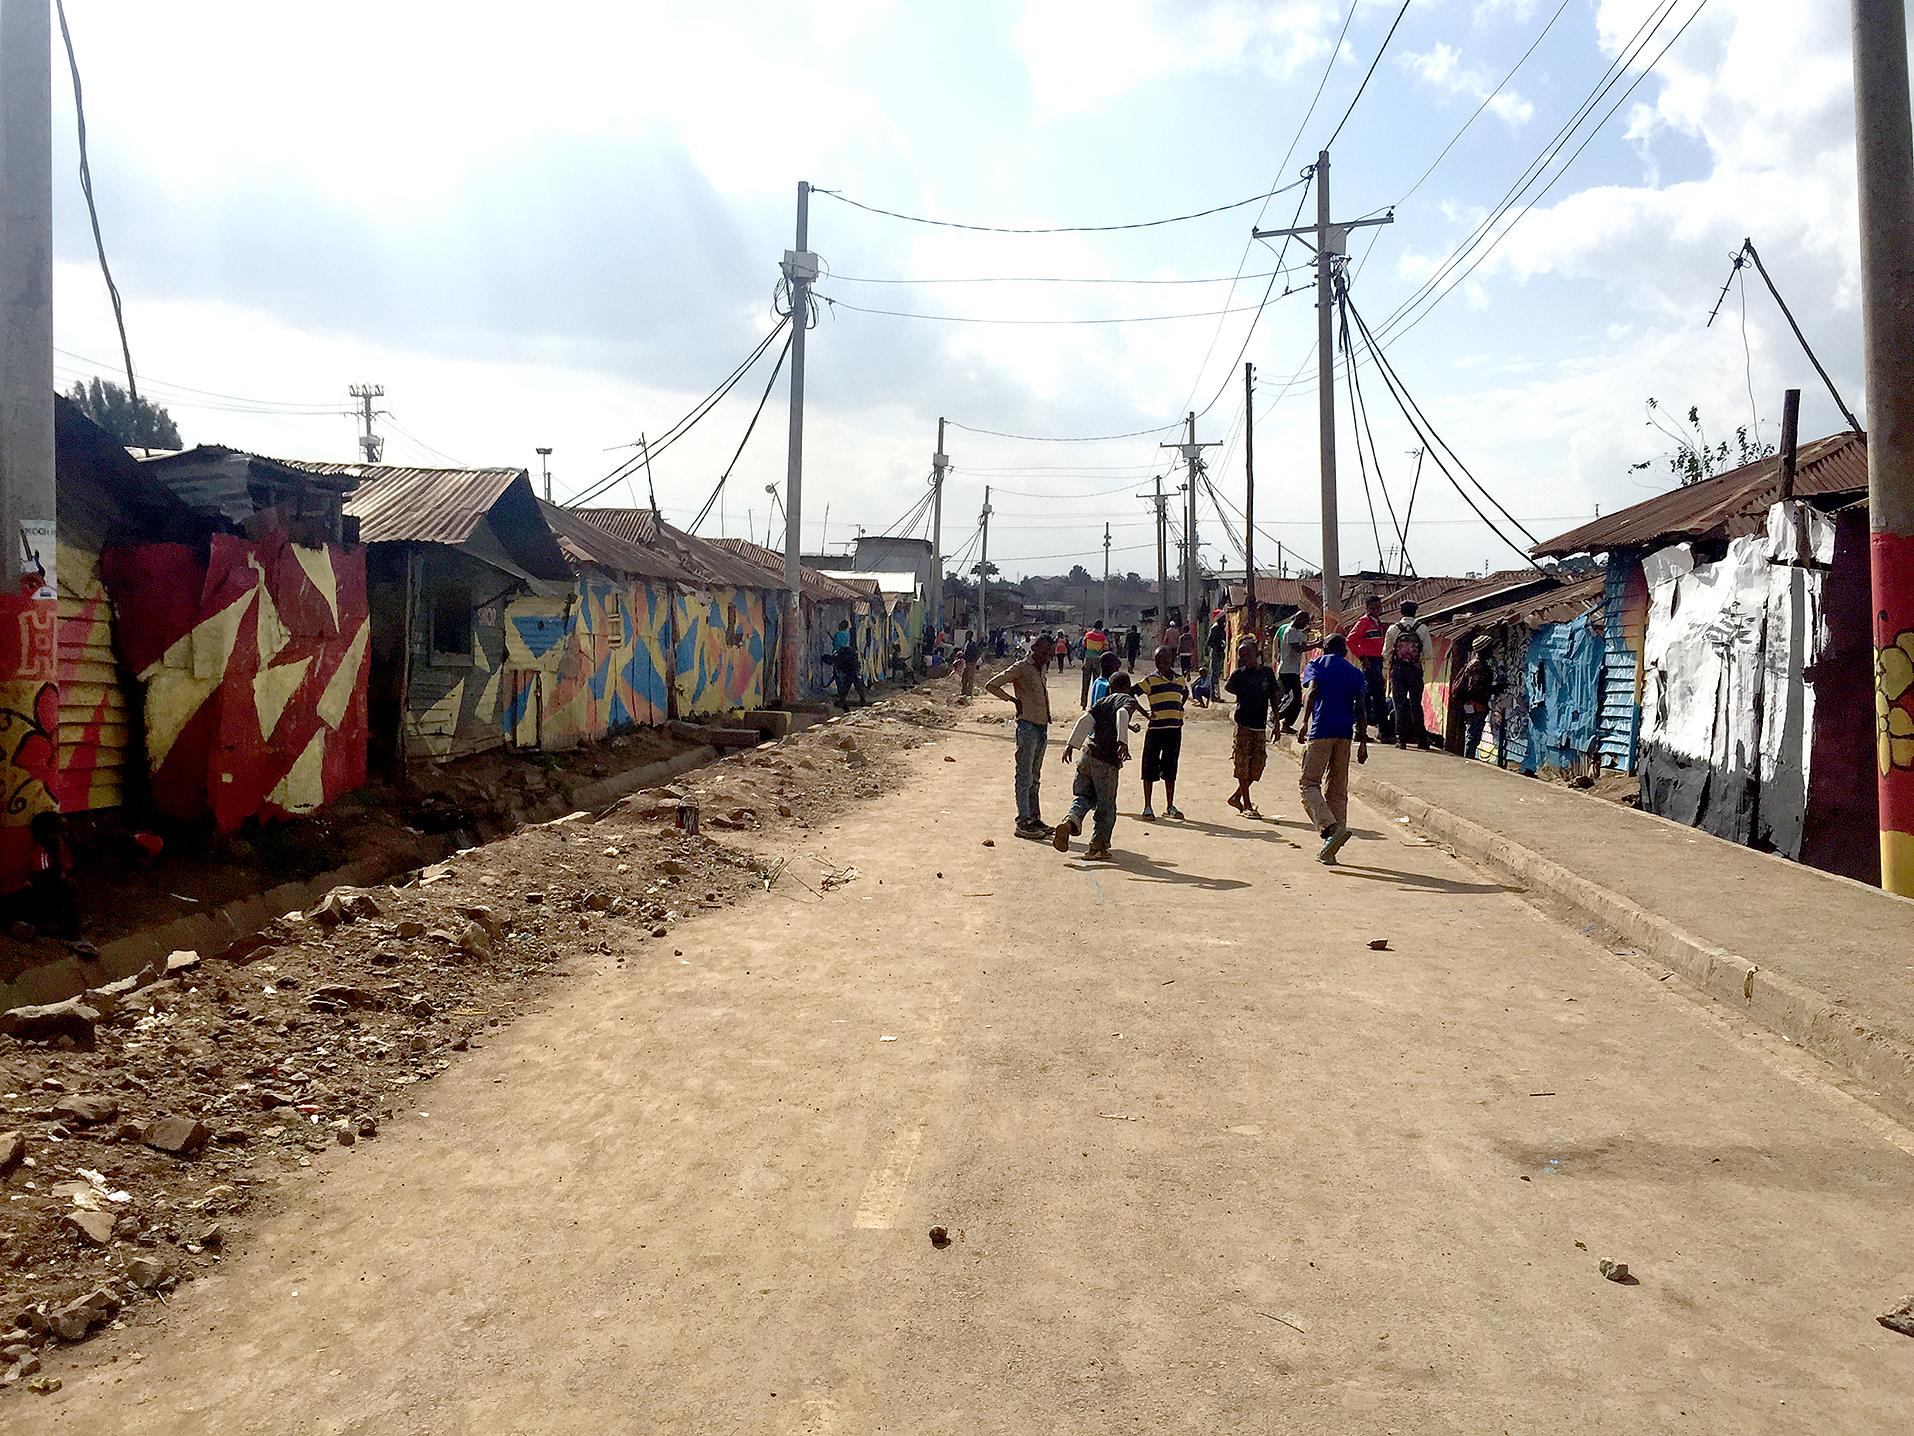 Den informella bosättningen Korogocho ligger i Nairobis nordöstra delar. Under 2012 asfalterades områdets fyra huvudgator som en del av ett slumuppgraderingsprojekt initierat av Kenyas regering.